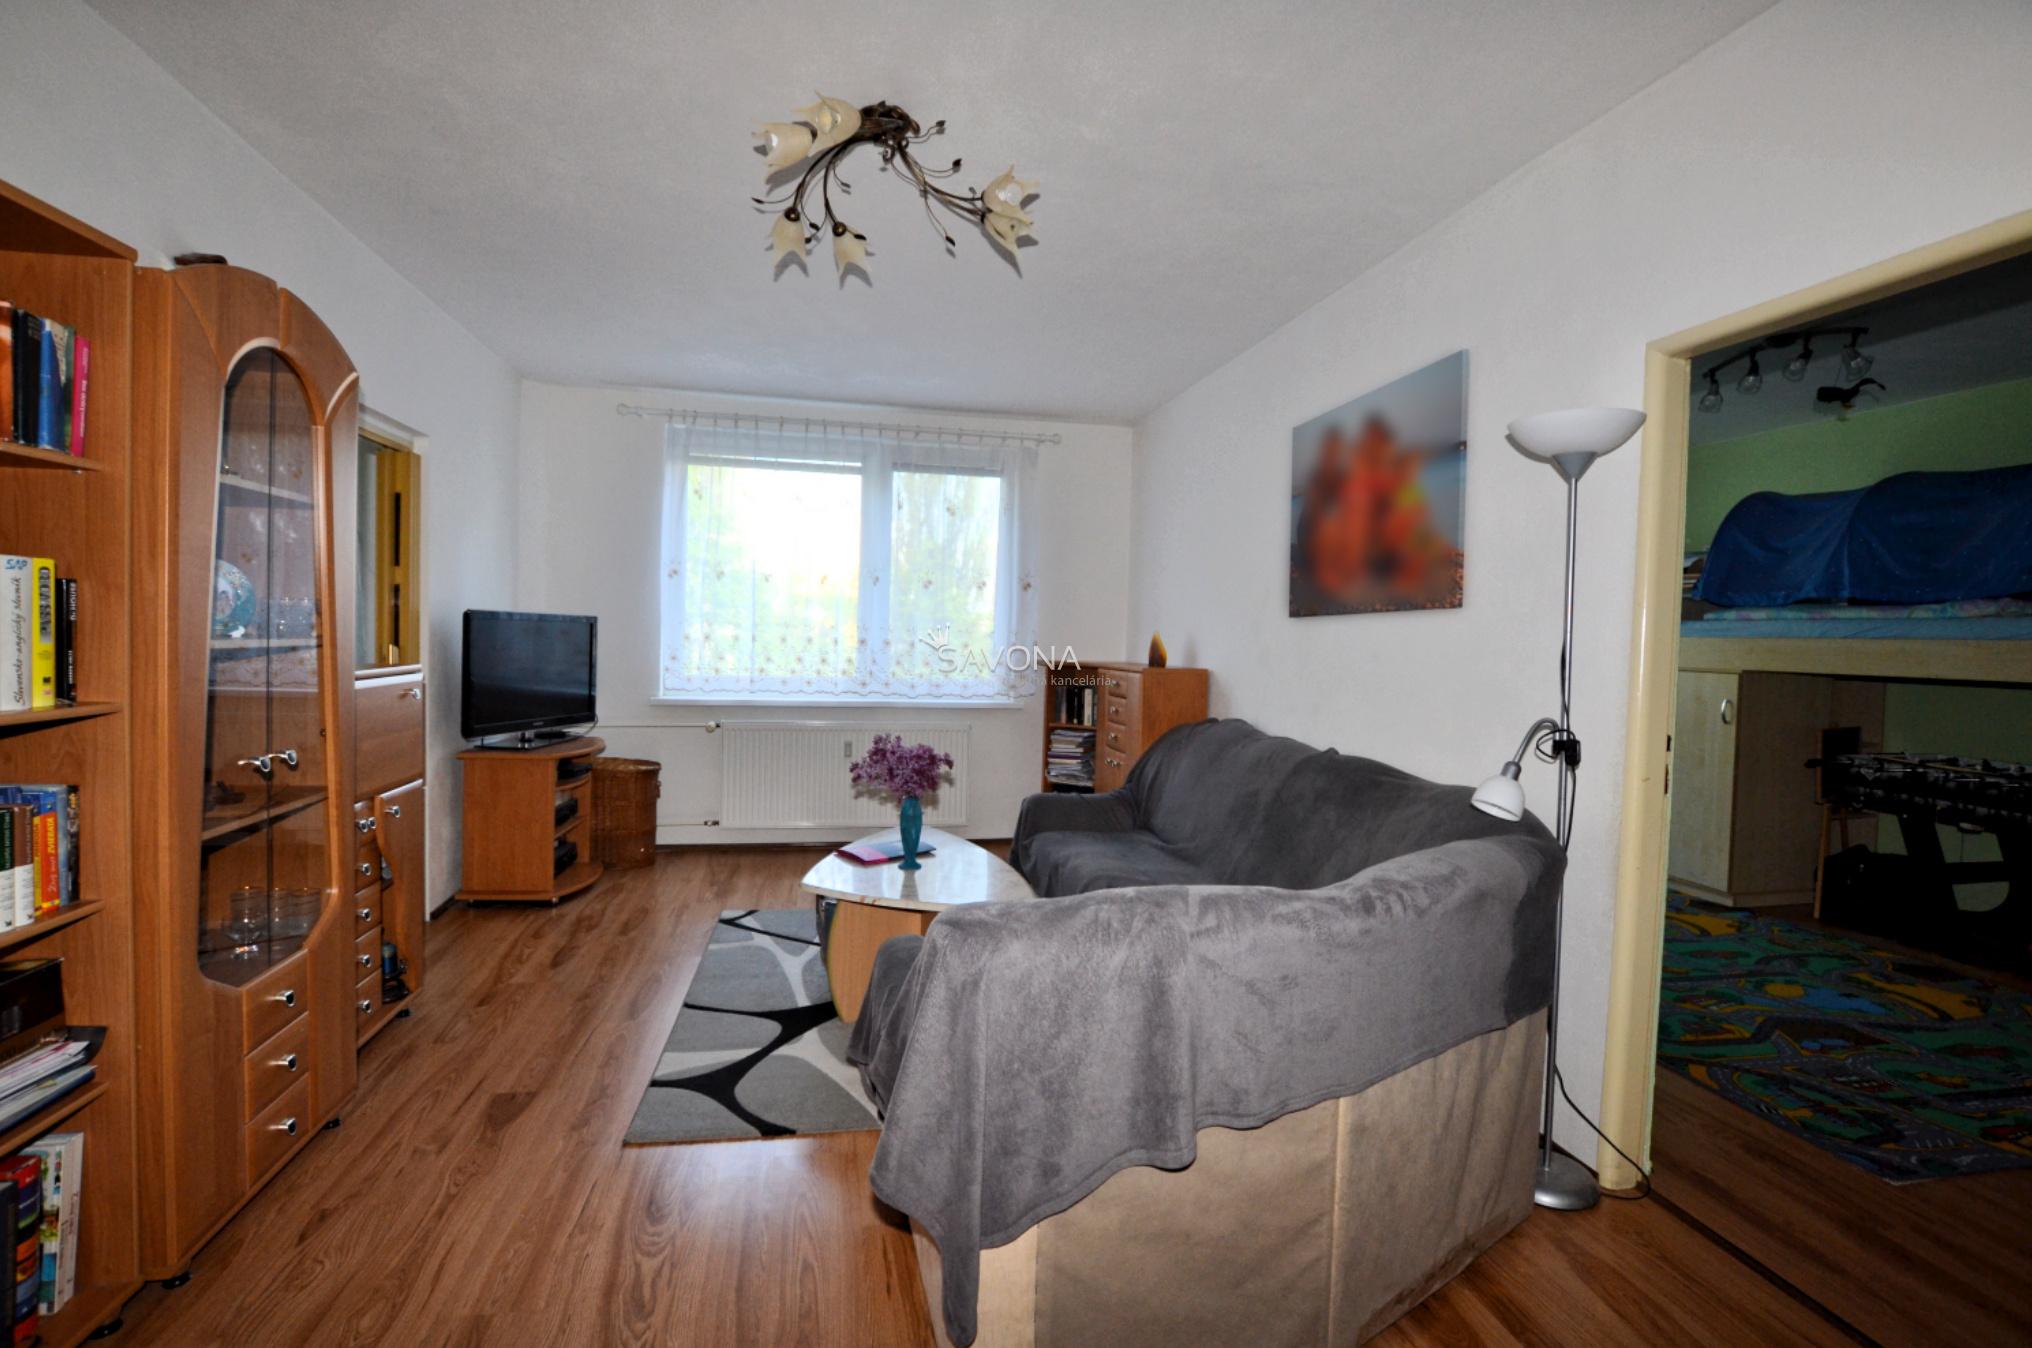 4-izbový byt po rekonštrukcii, sídlisko Západ